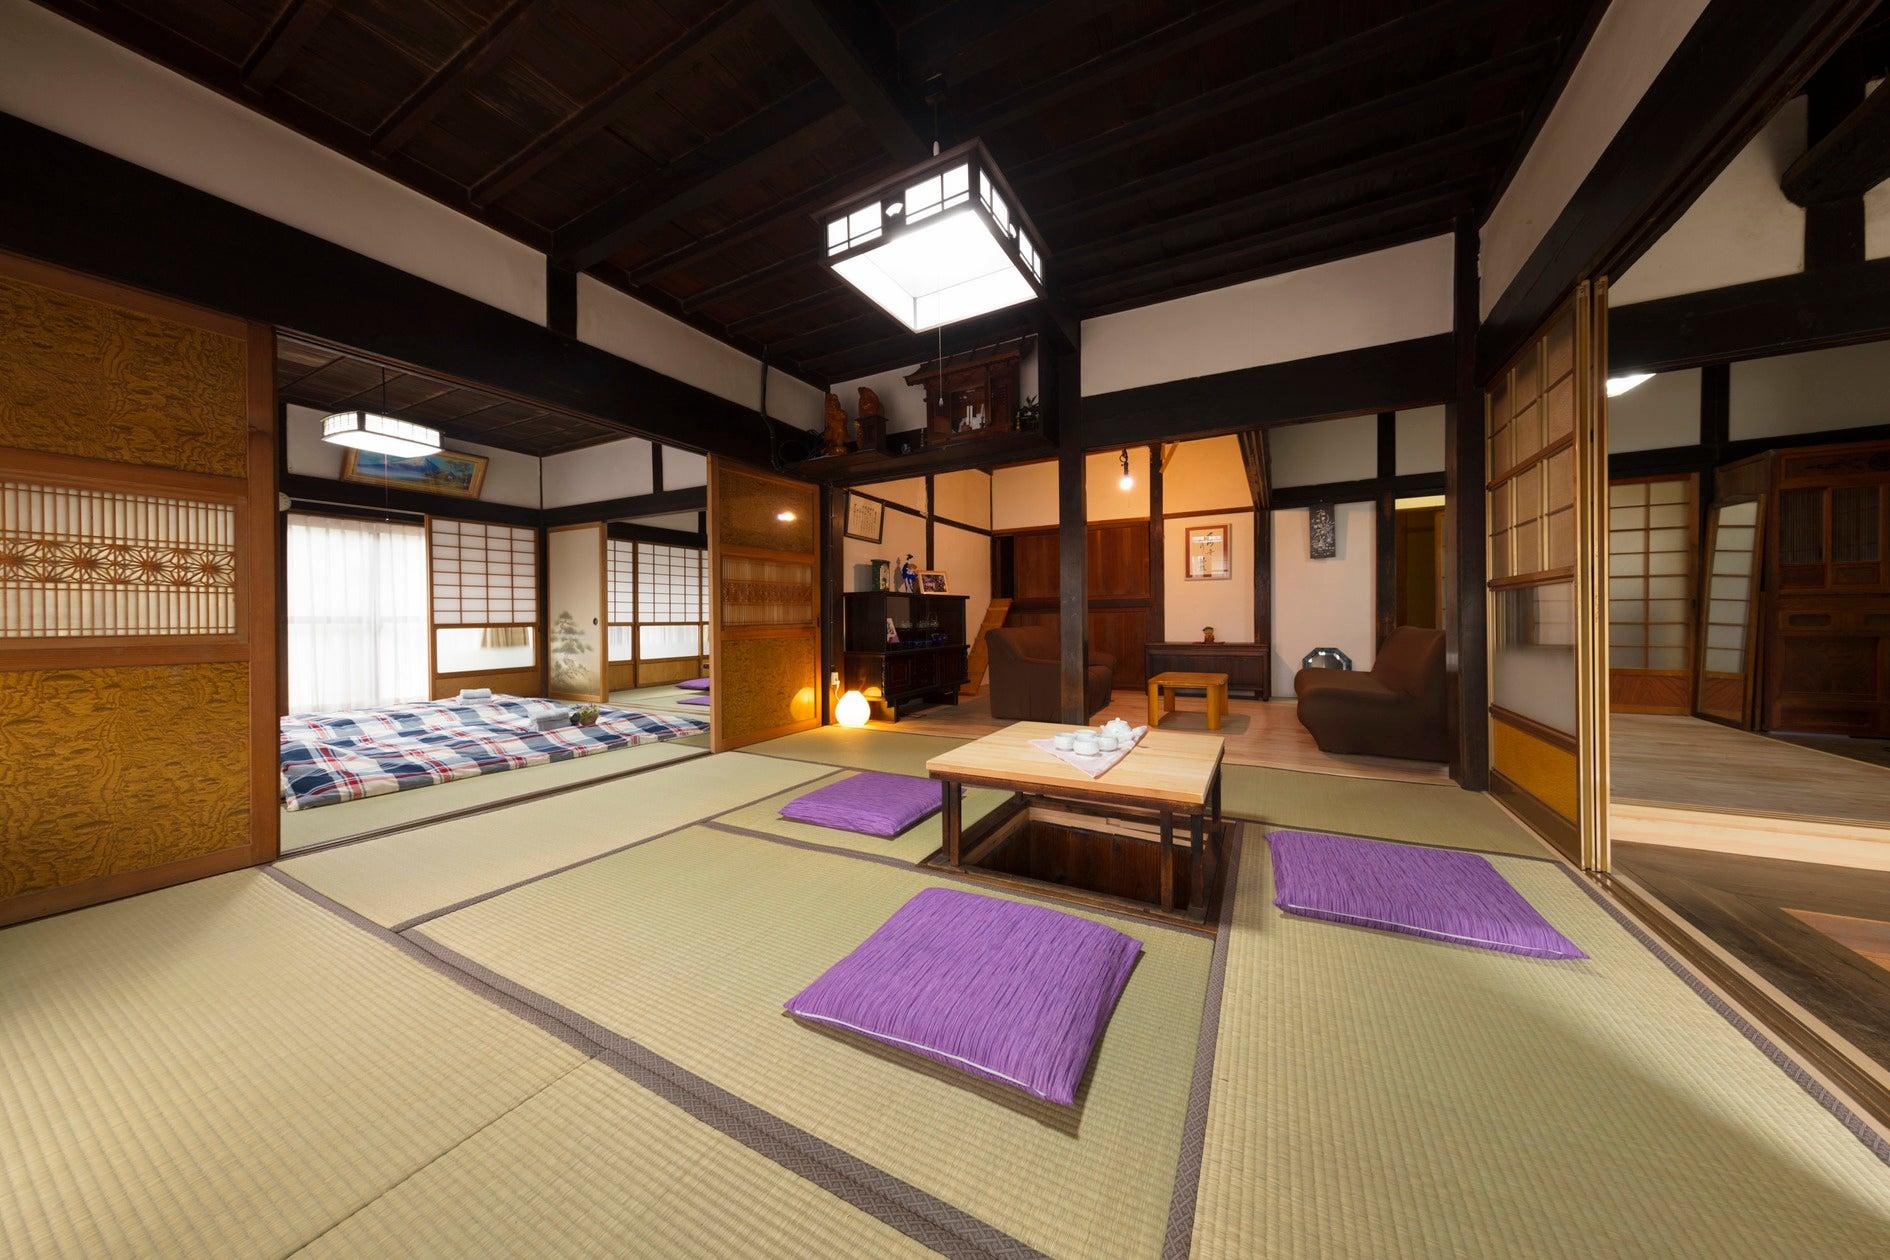 【塙ハウス】東京から1時間弱の築130年古民家と米倉、合宿やコンサート、イベント、企業研修に最適 の写真